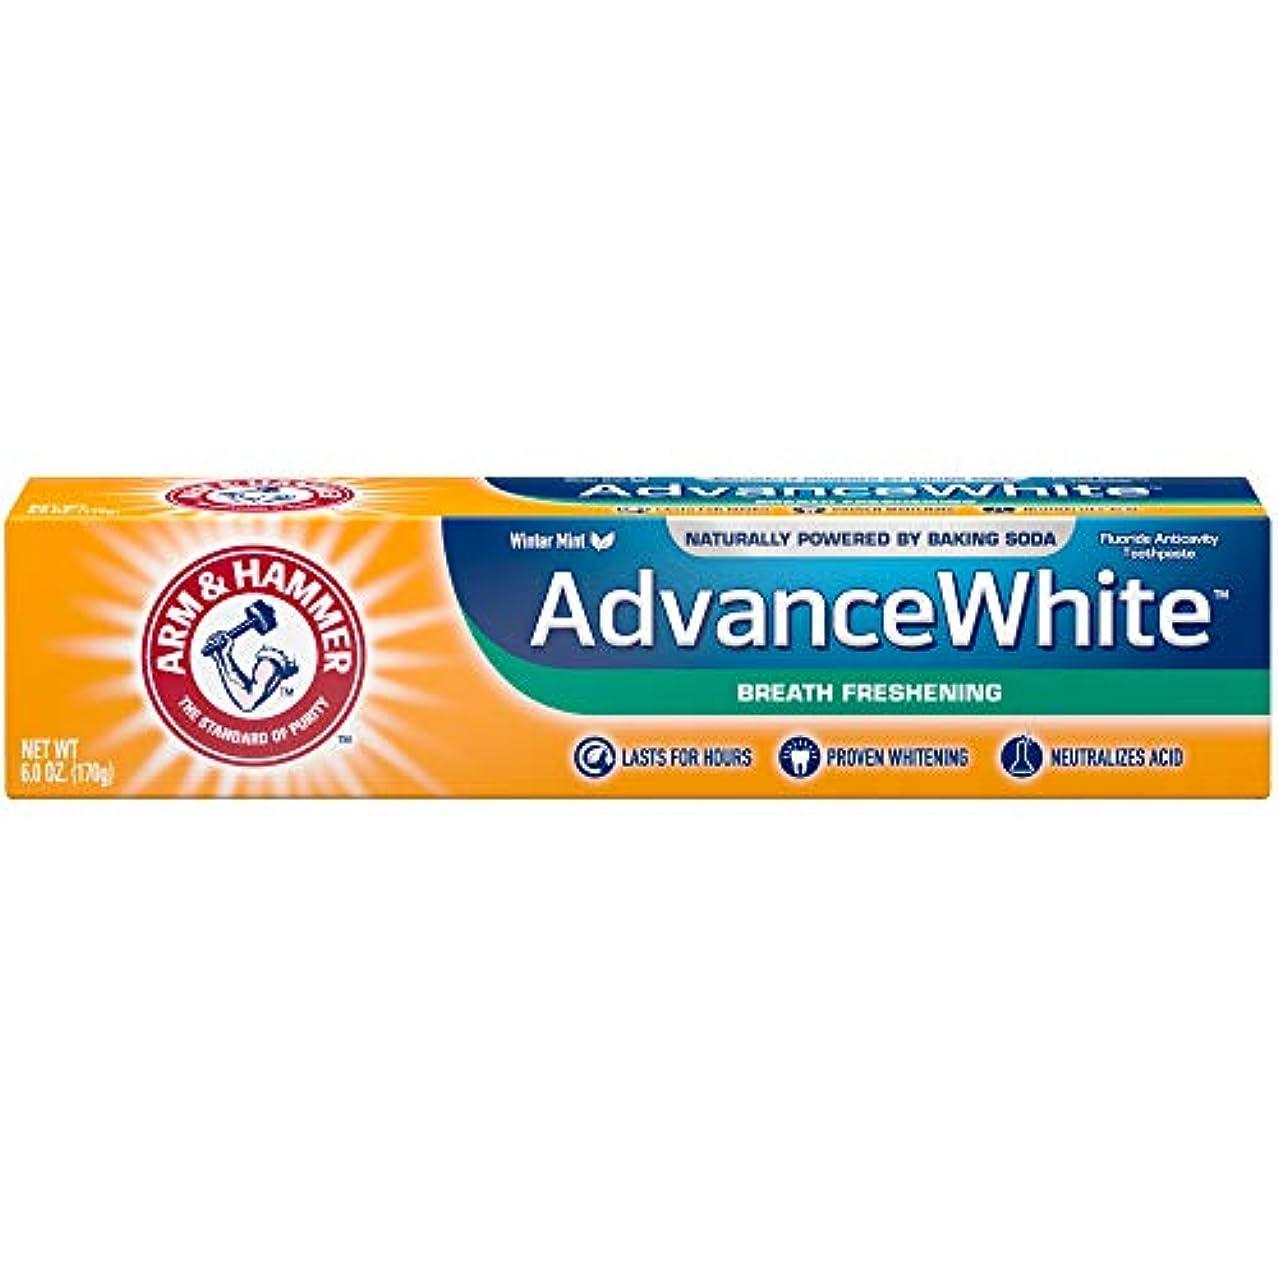 すみませんかすかな対立アーム&ハマー アドバンス ホワイト 歯磨き粉 ブレス フレッシュニング 170g Advance White Breath Freshing Baking Soda & Frosted Mint